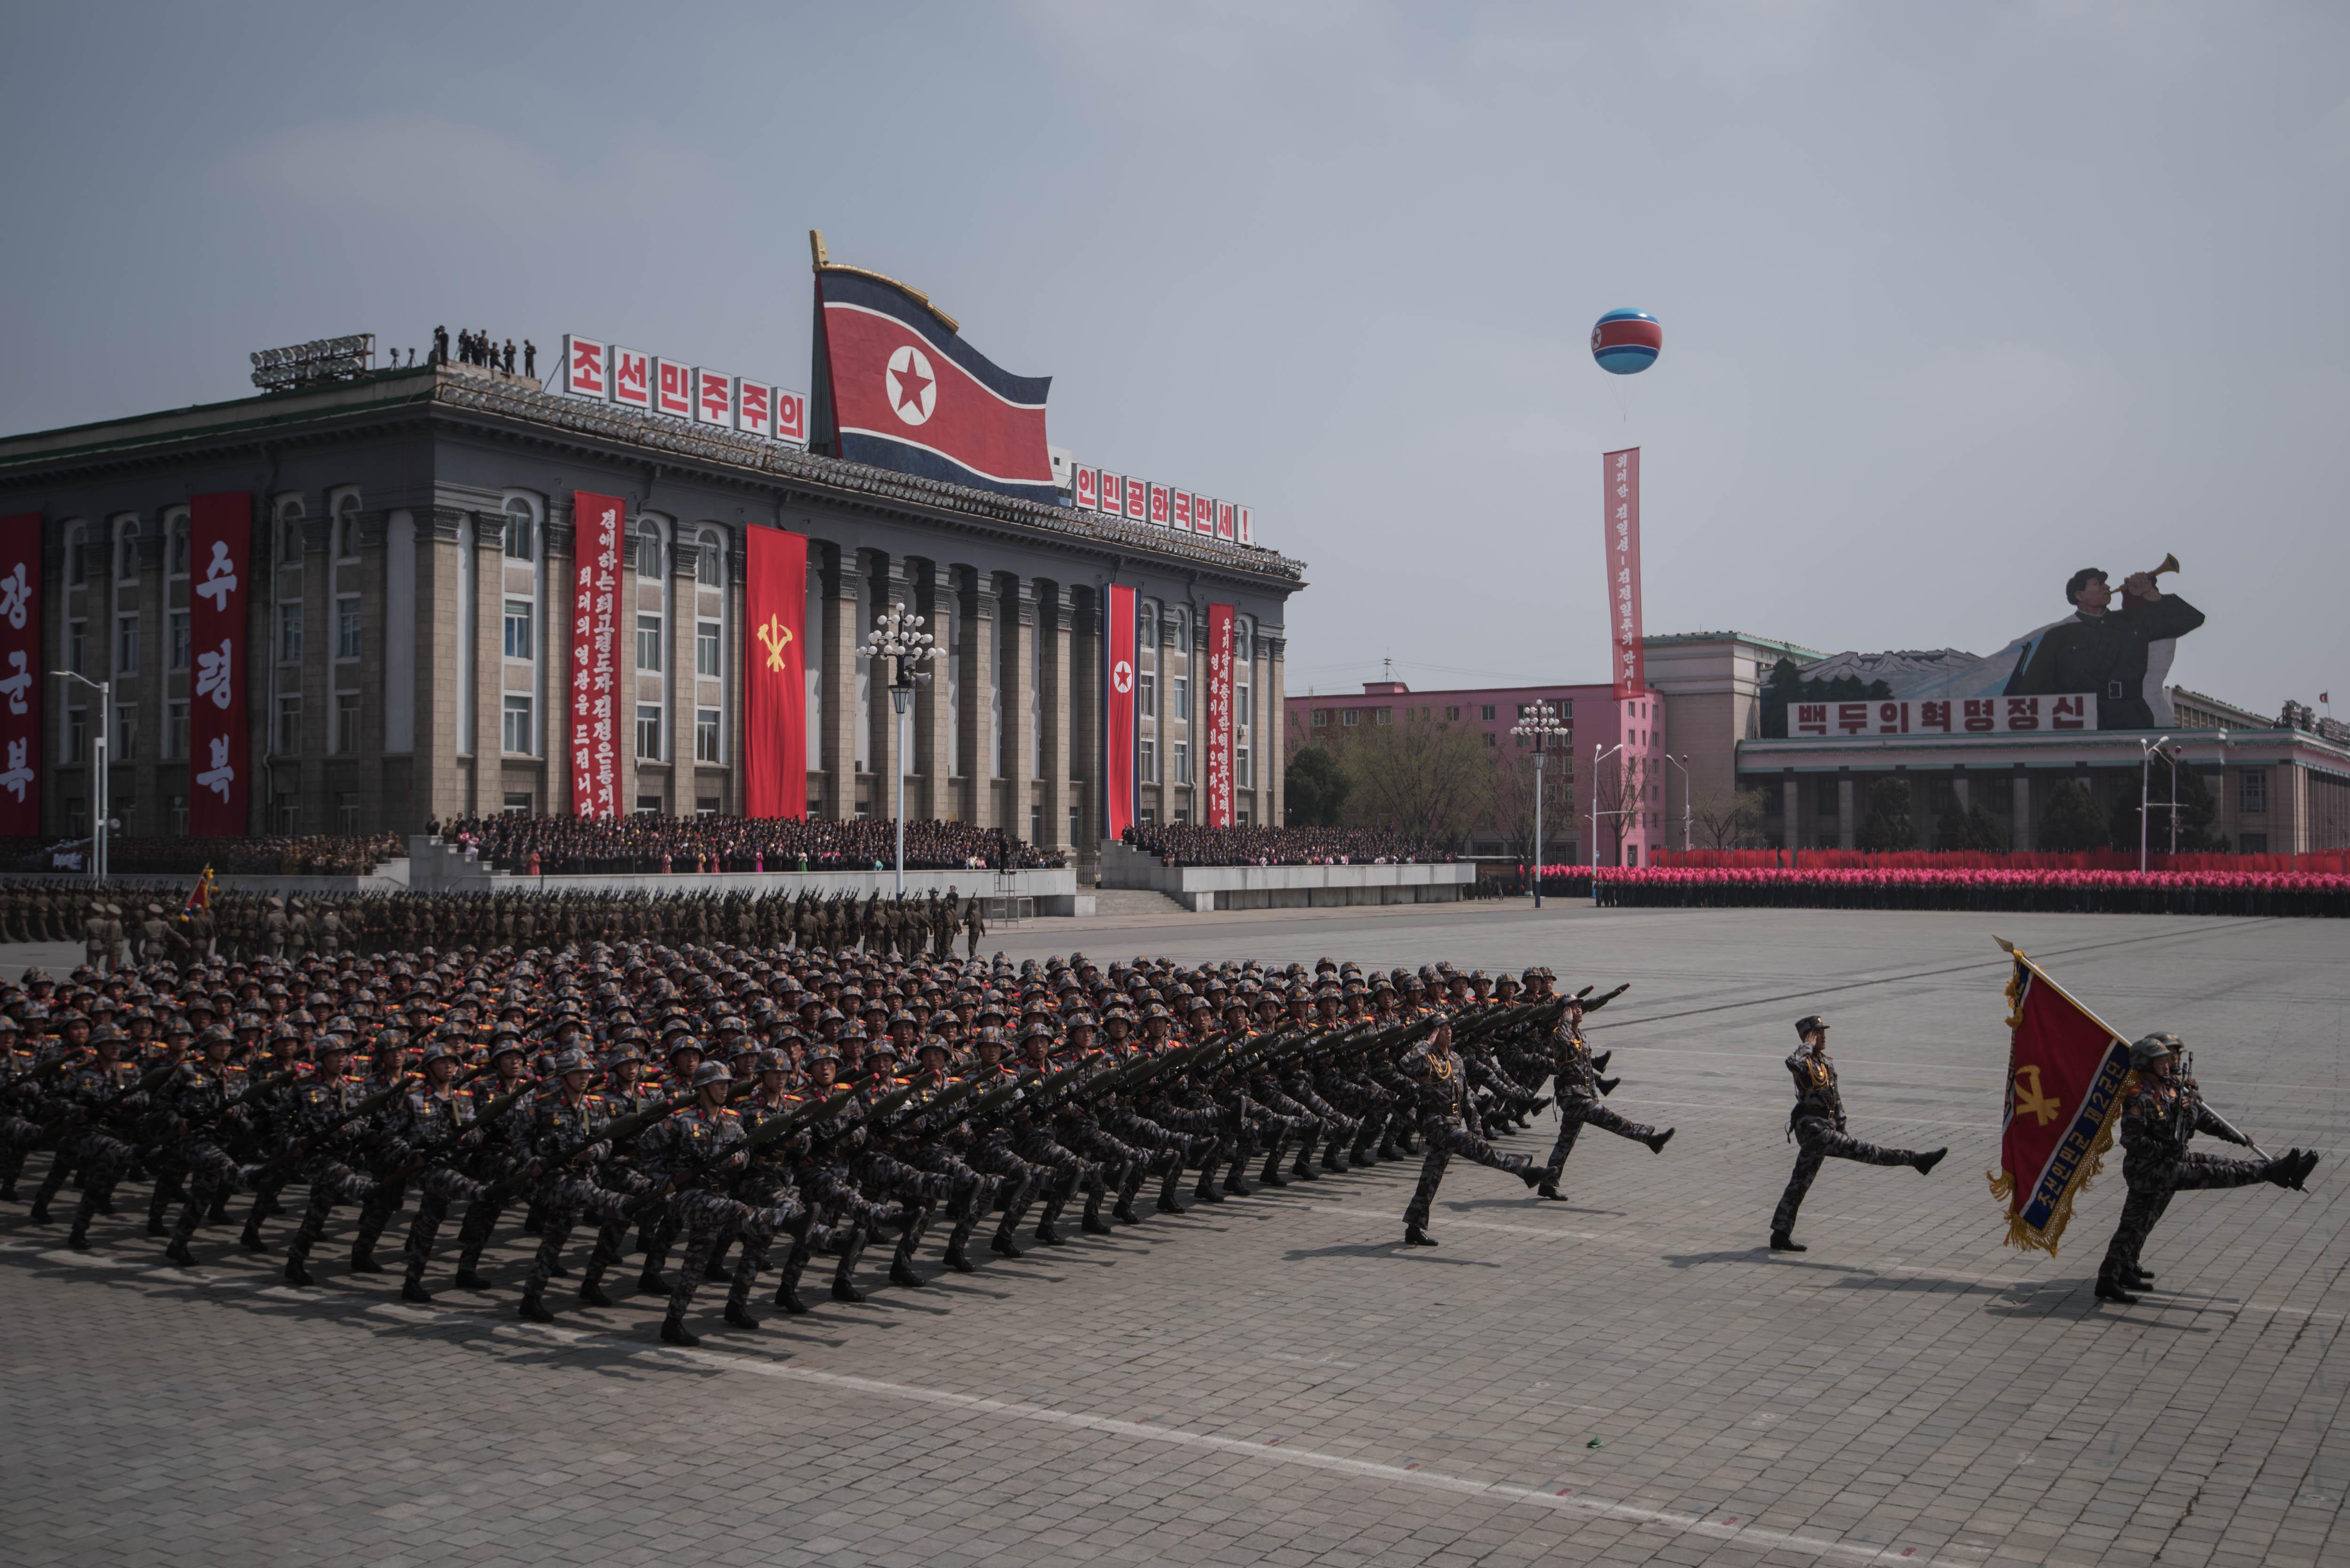 Észak-Korea szépen lassan bebiztosítja az atomprogramja sikerességét